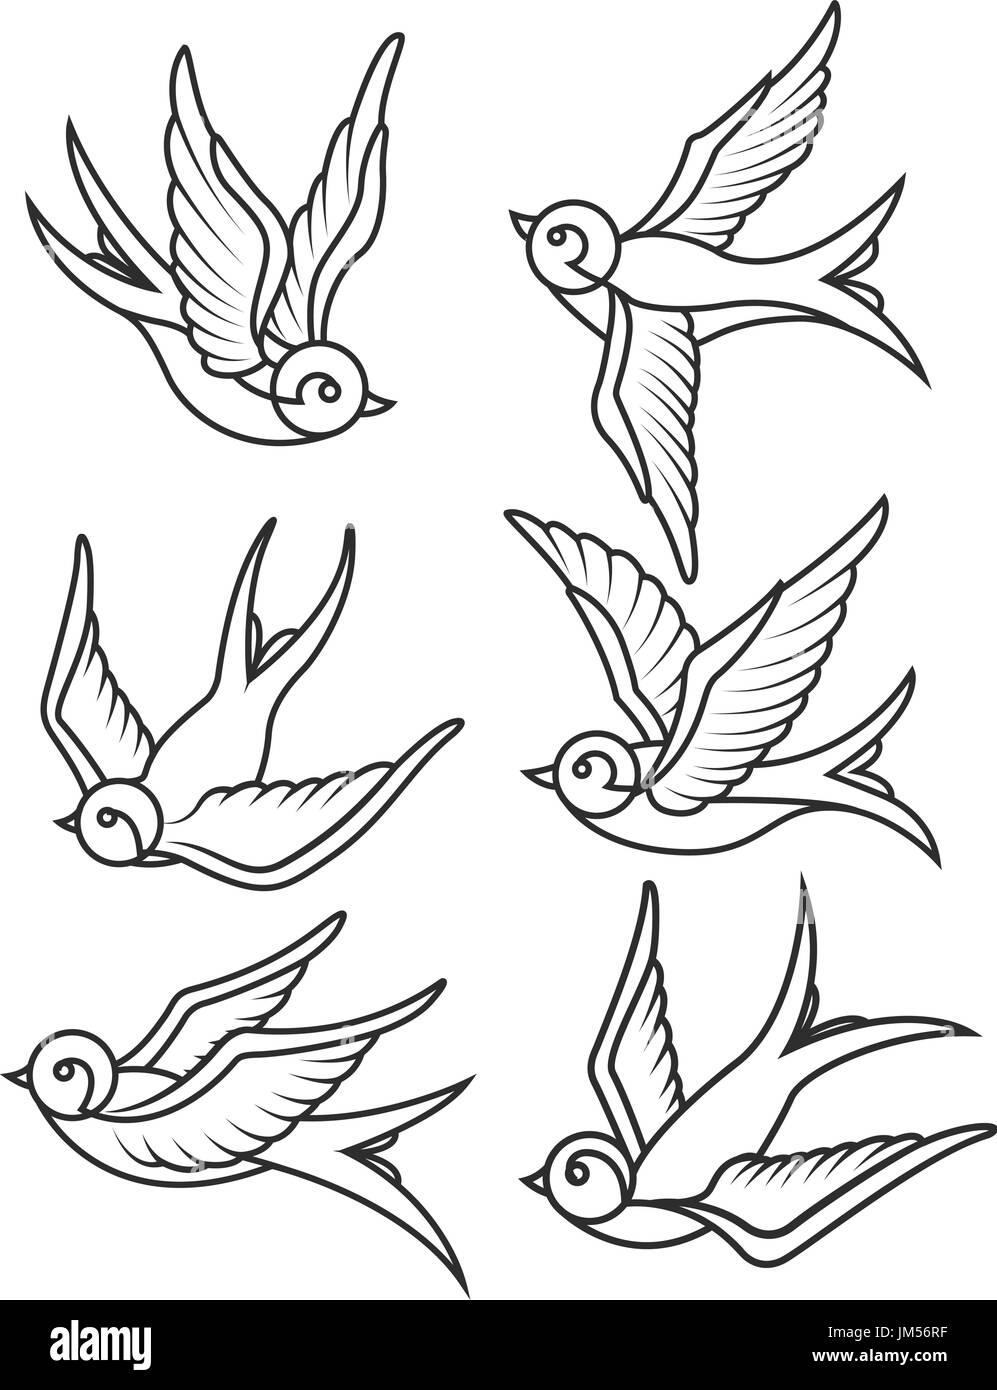 Satz Von Schwalbe Tattoo Vorlagen Isoliert Auf Weißem Hintergrund